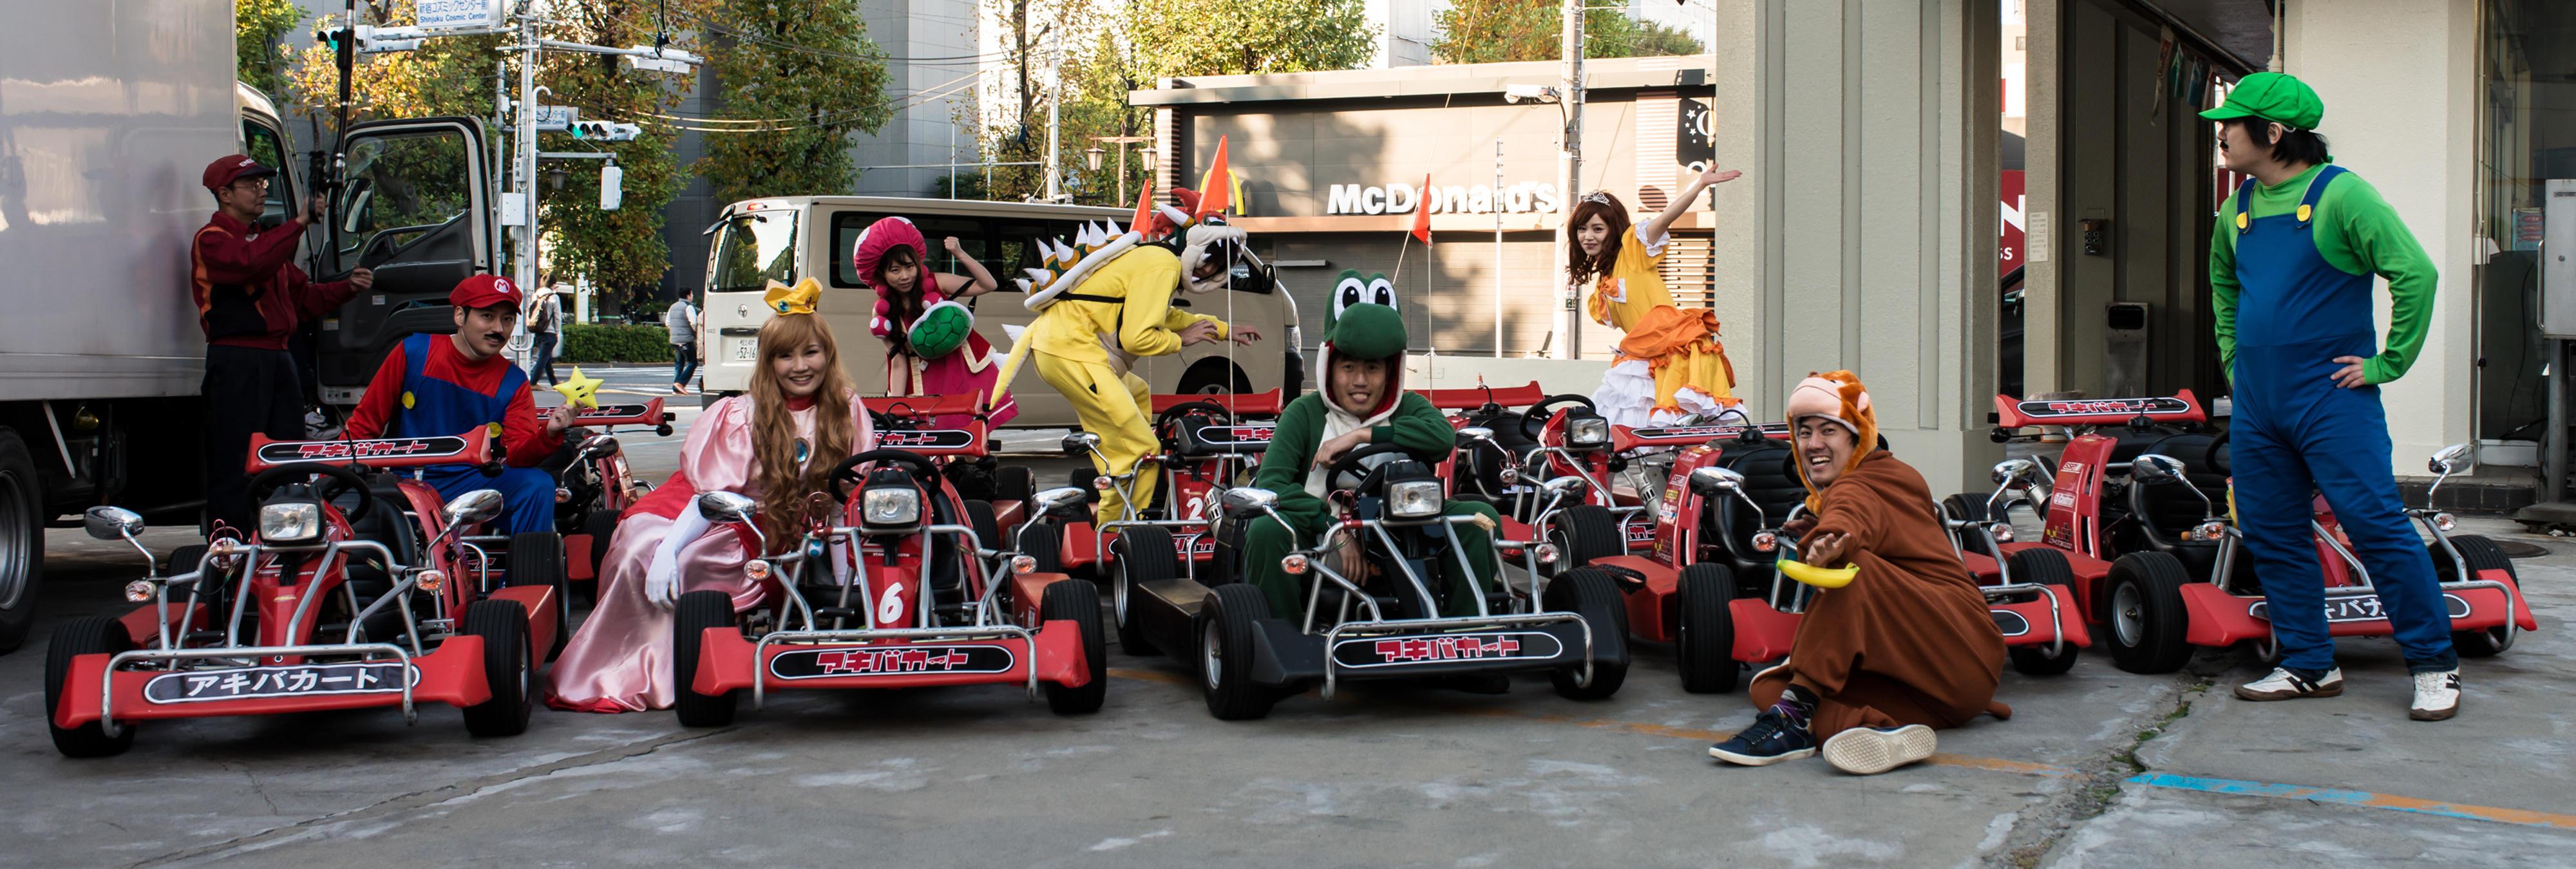 Si vas a Tokio ya puedes competir en un 'Mario Kart' humano por la ciudad